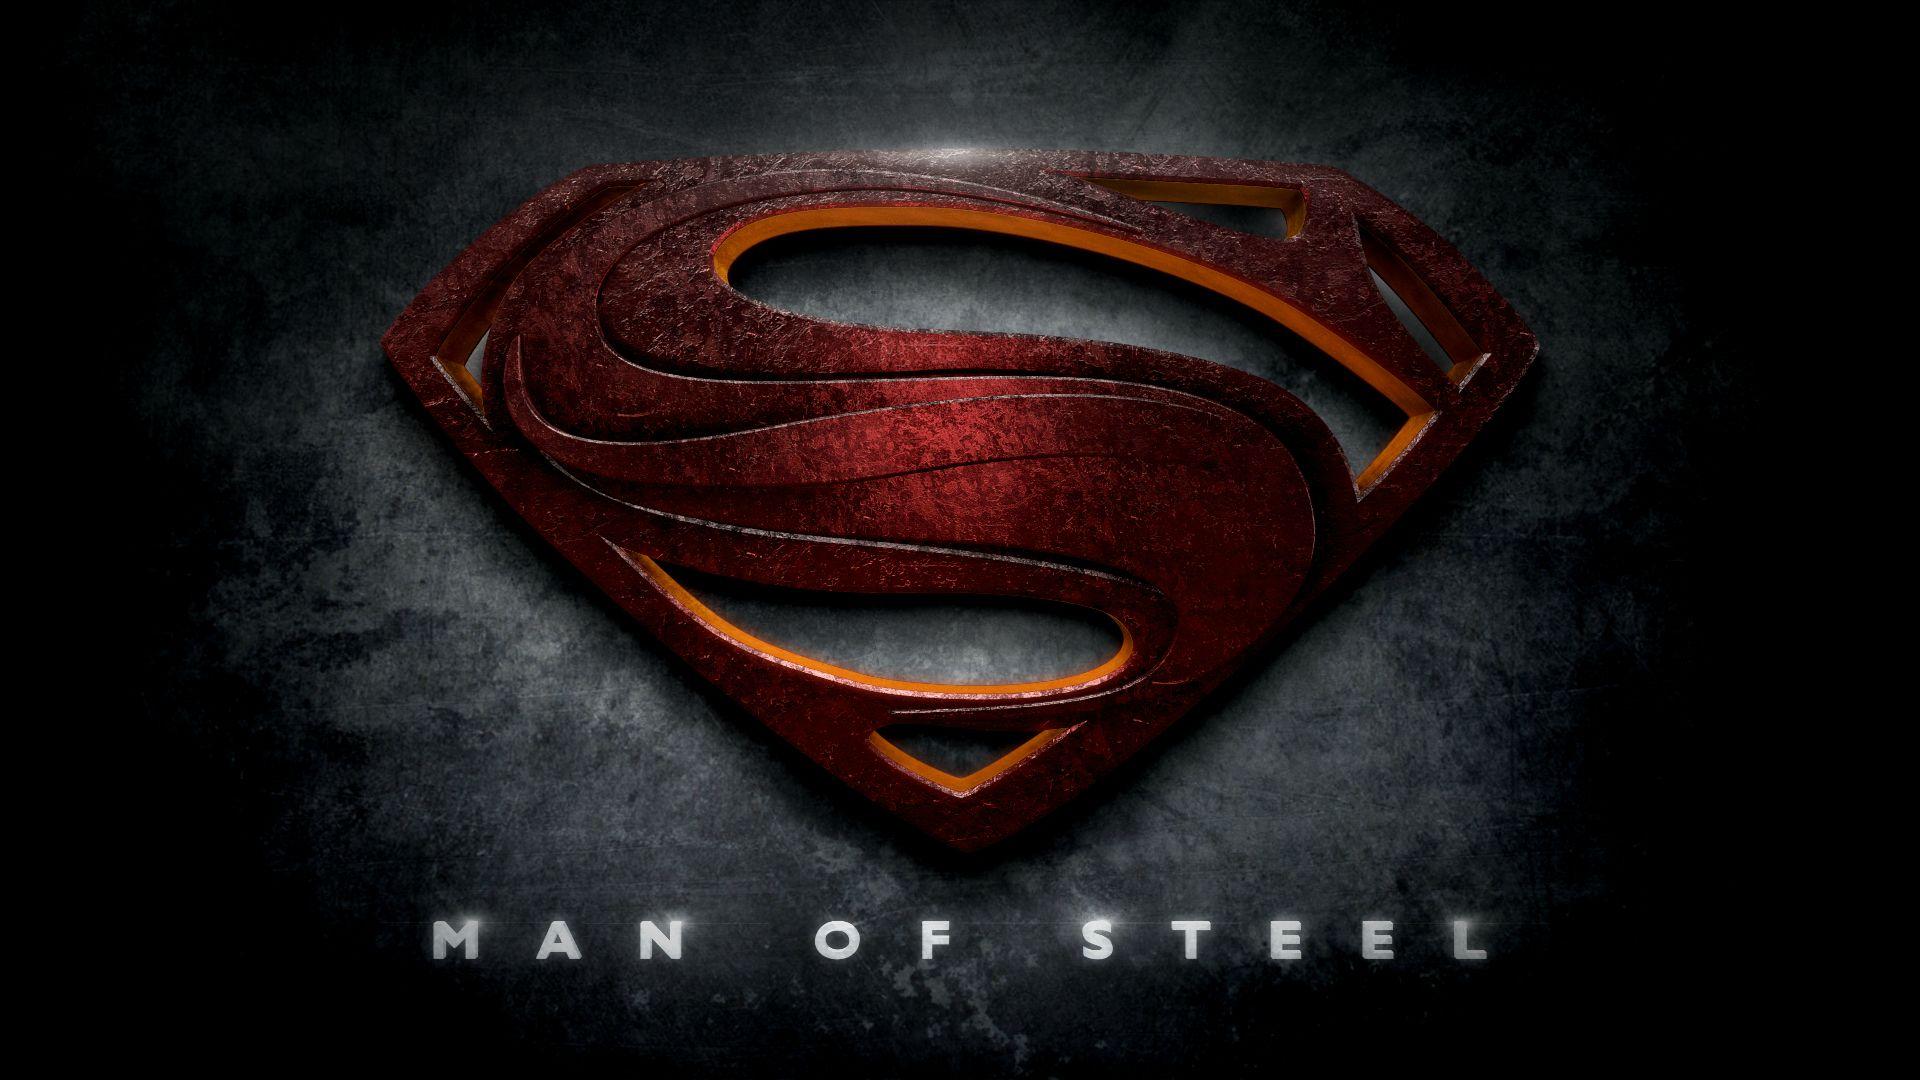 Superman-Man-of-Steel-Logo-Imgur.jpeg